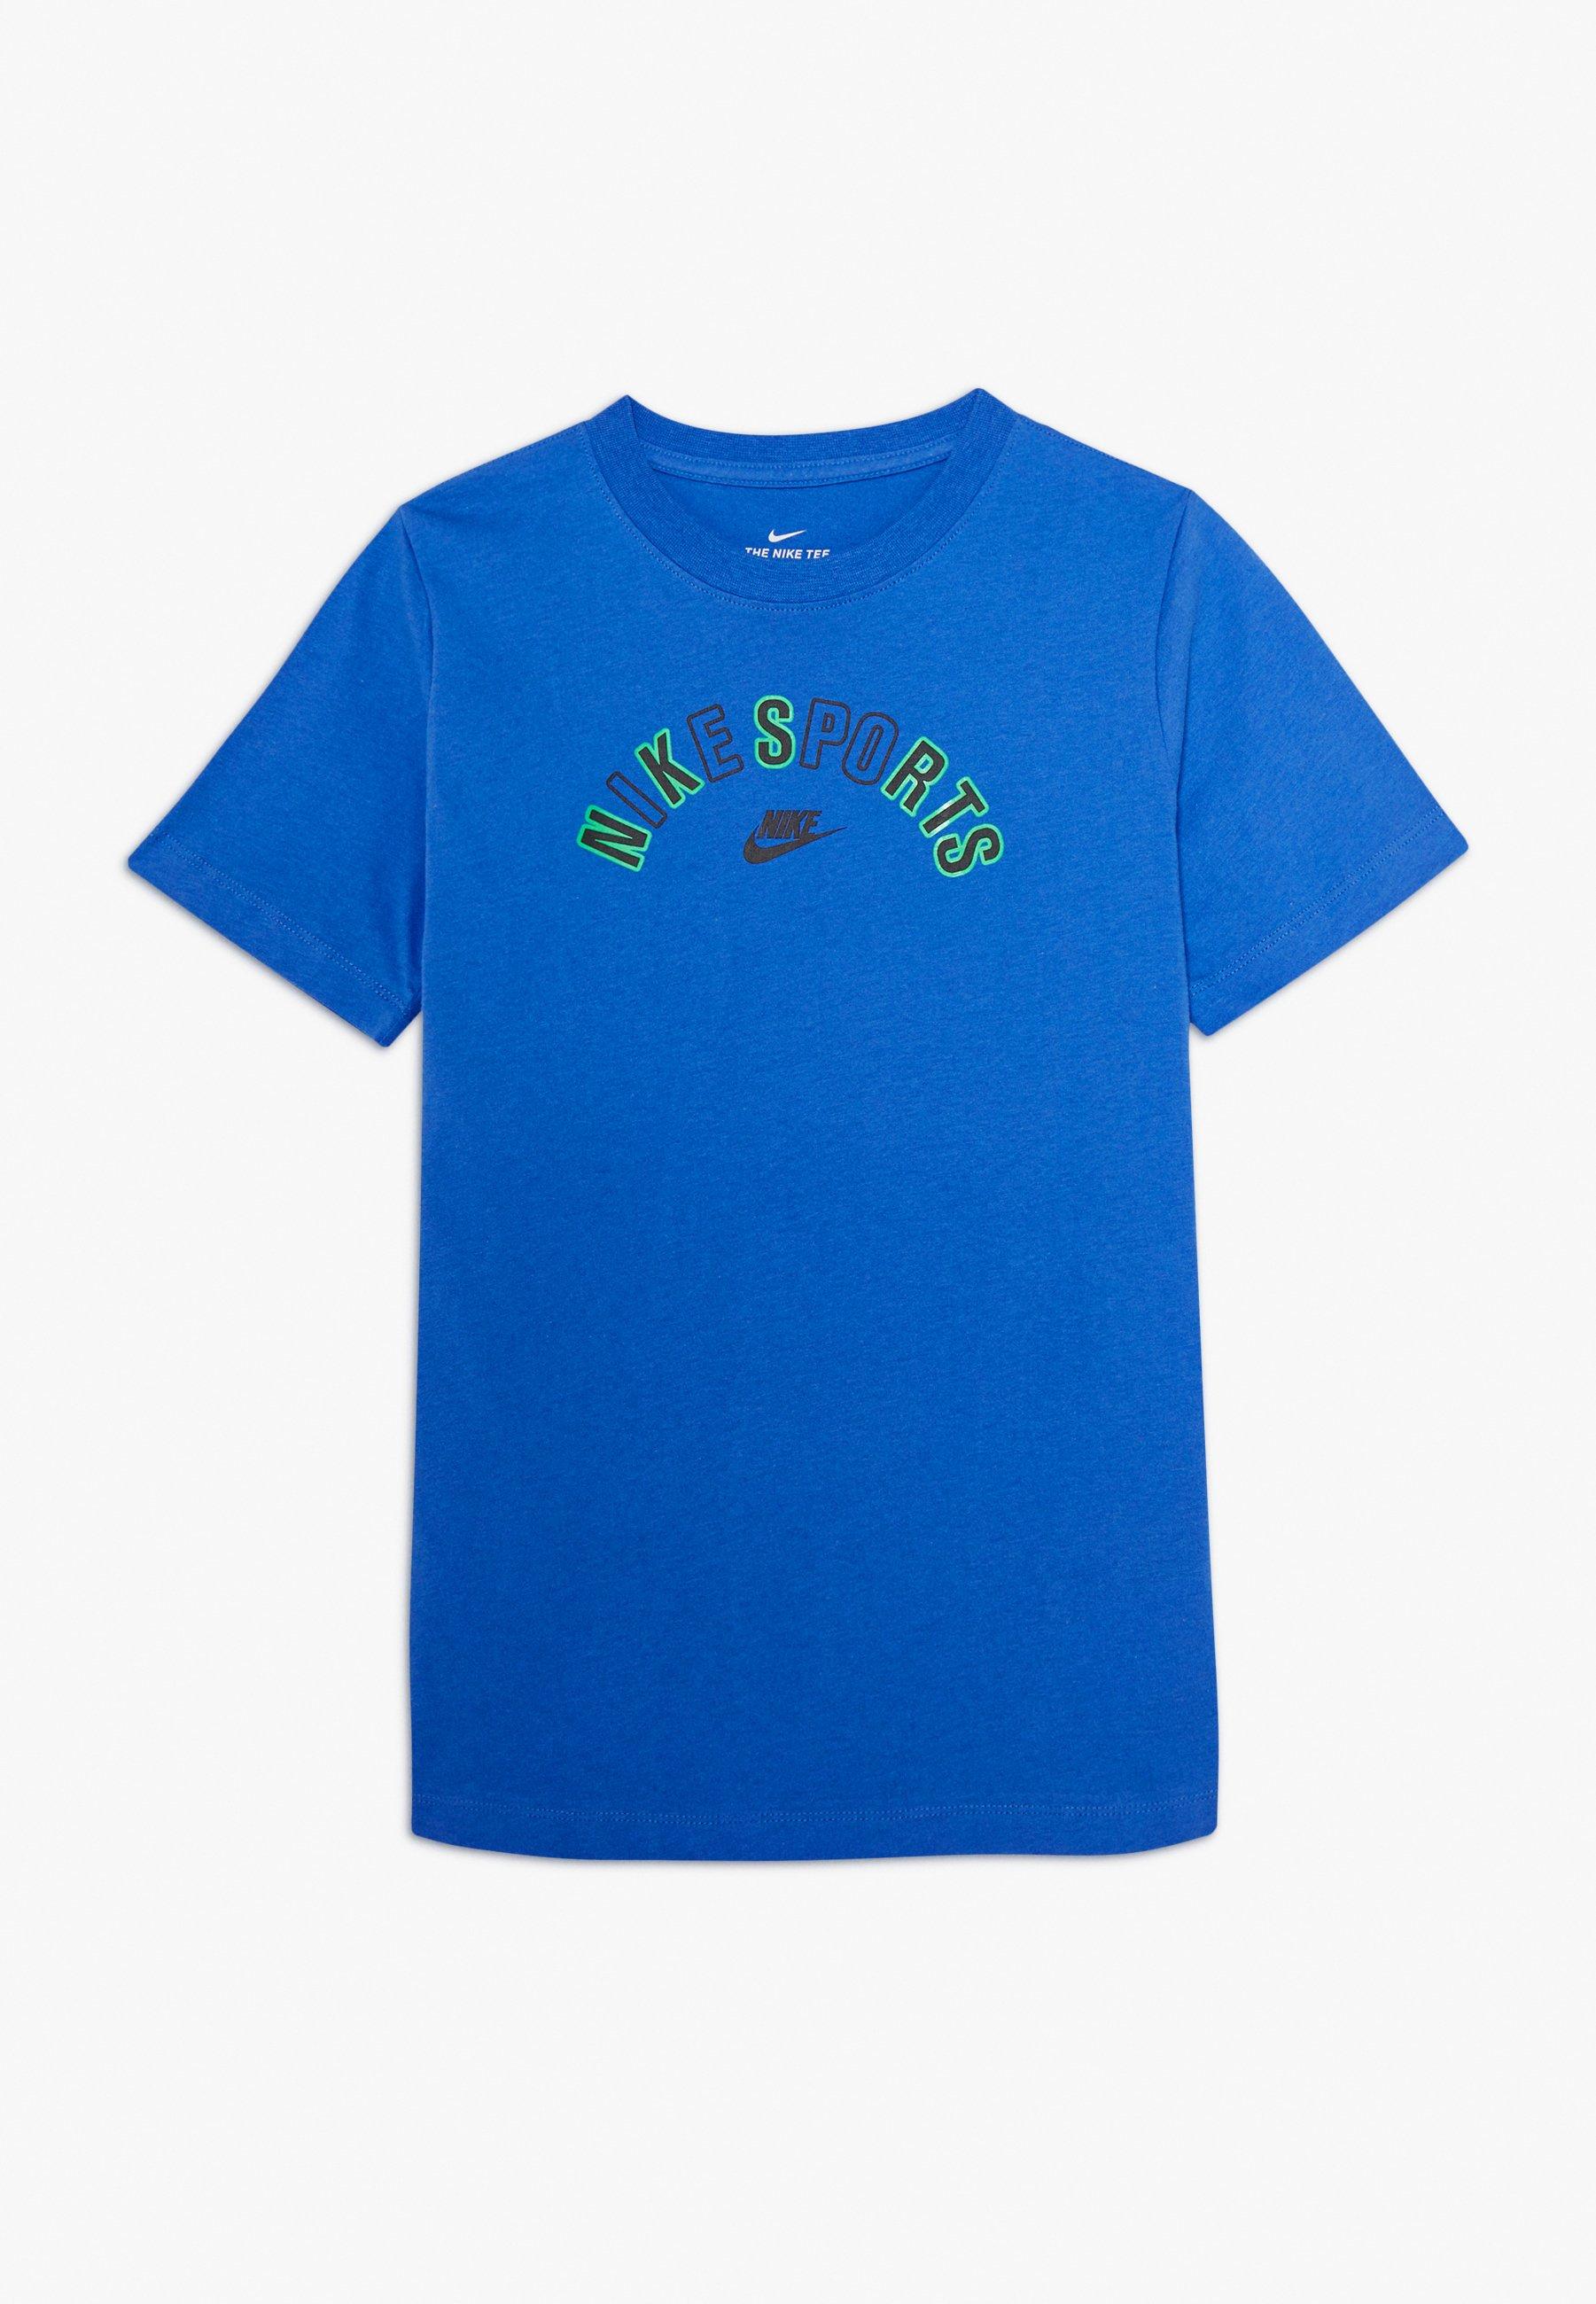 TEE GET OUTSIDE T shirt imprimé pacific blue